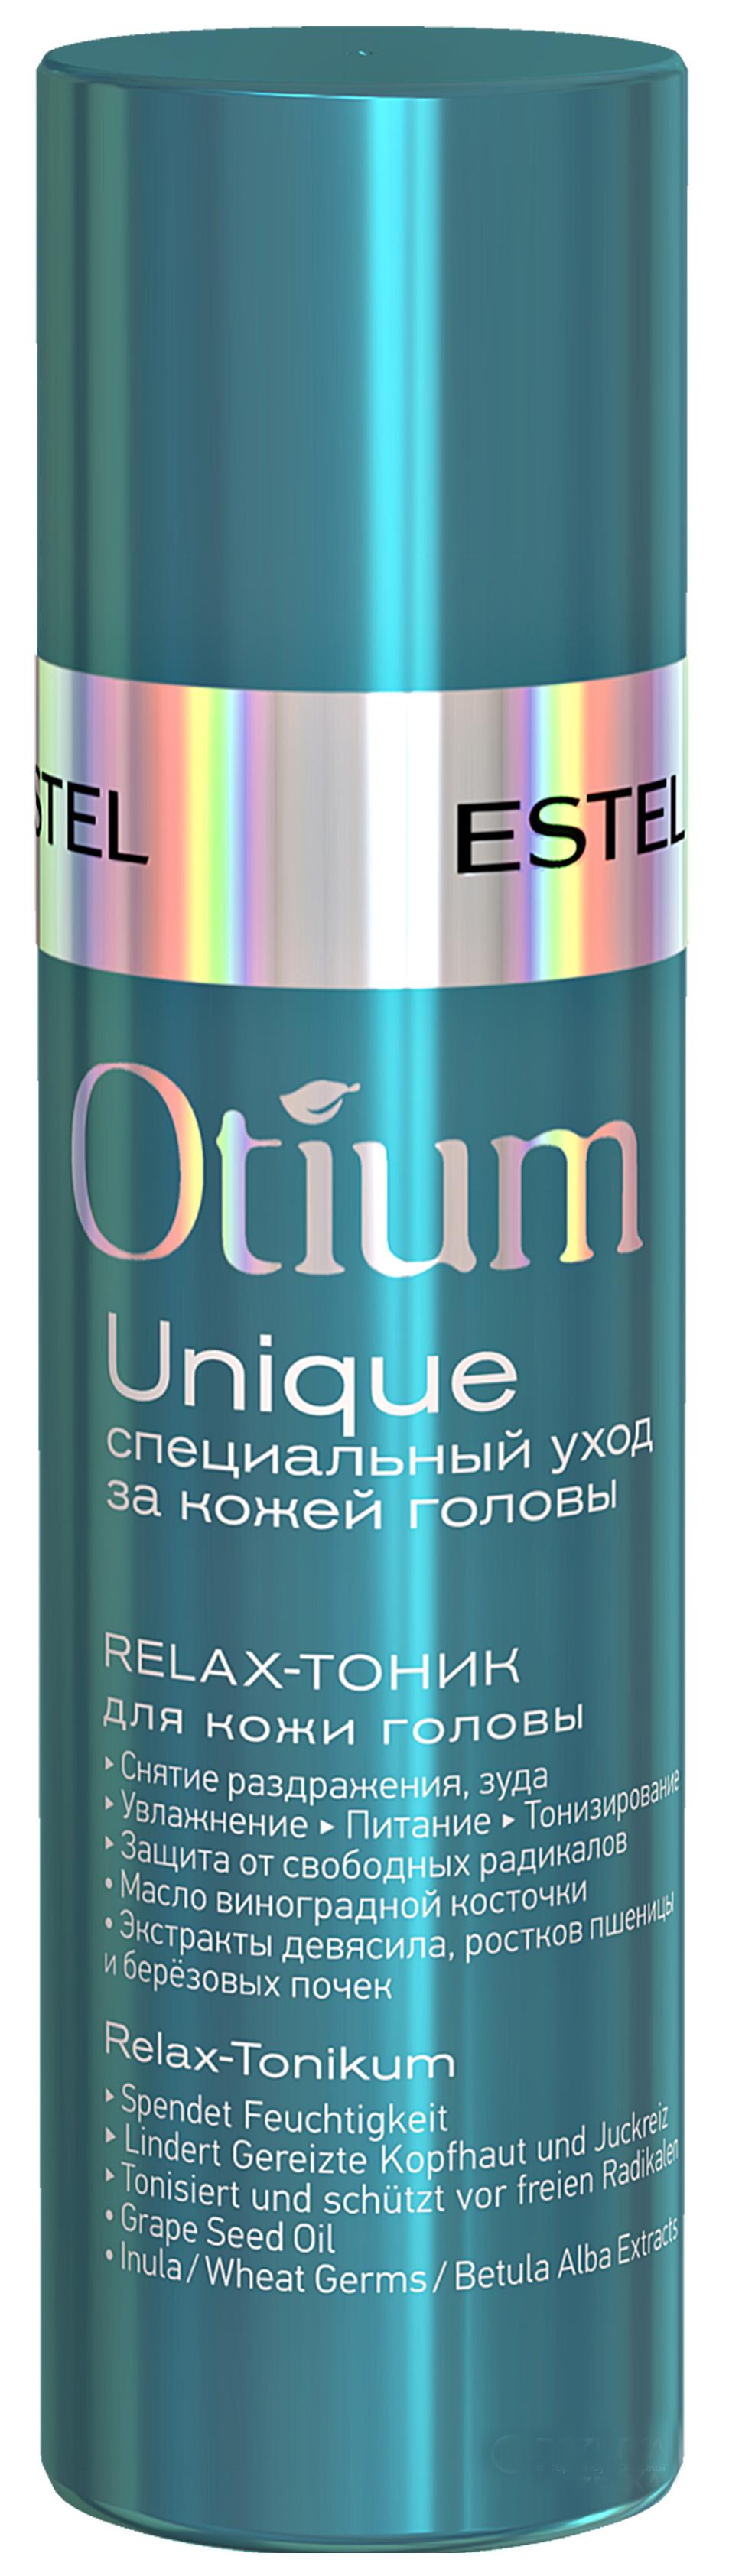 Тоник для кожи головы Estel Otium Unique Relax Tonic 100 мл